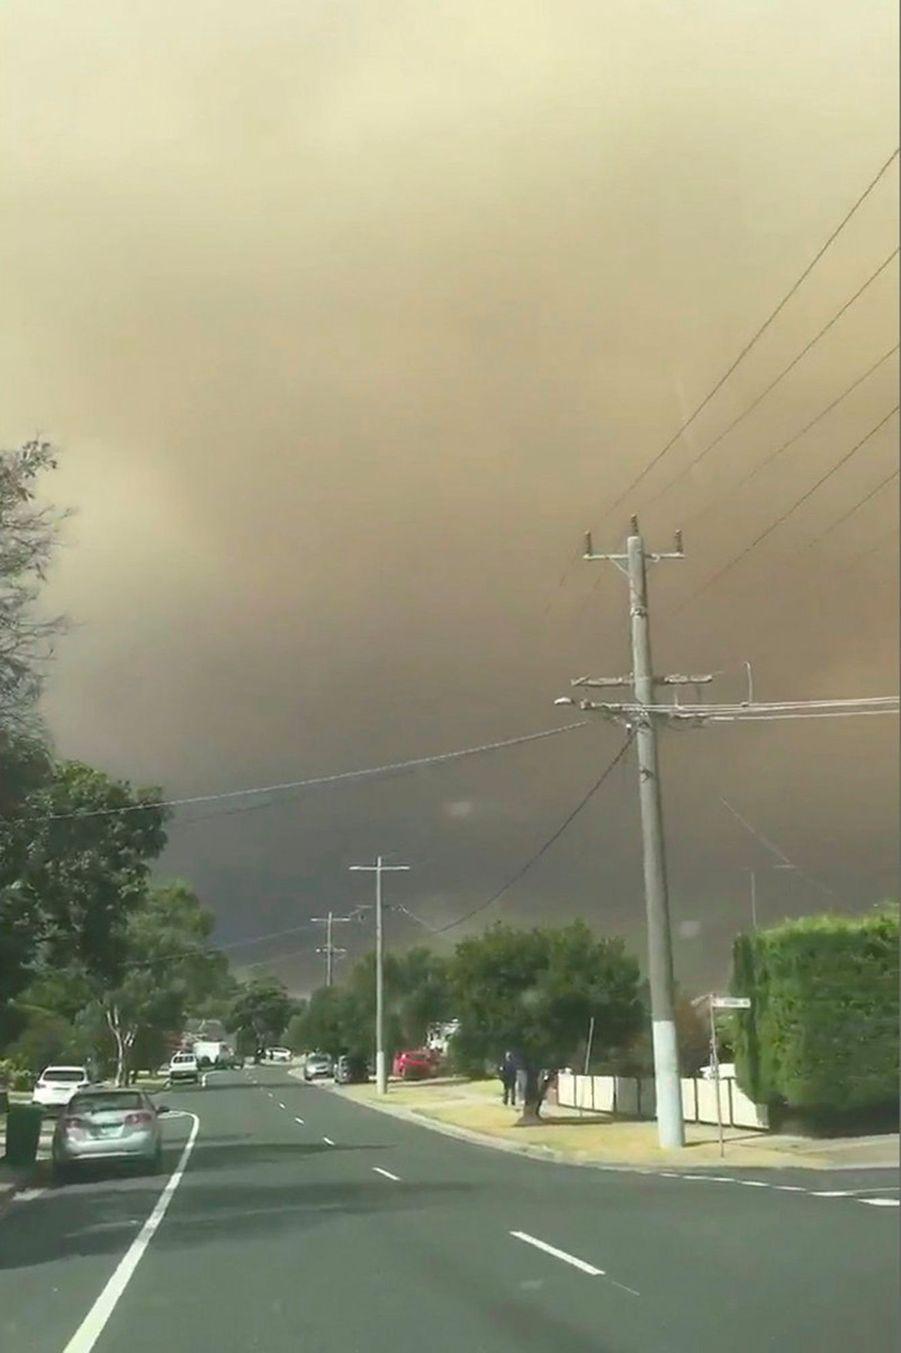 Des milliers de personnes ont été contraintes de fuir l'Etat de Victoria en raison des incendies.